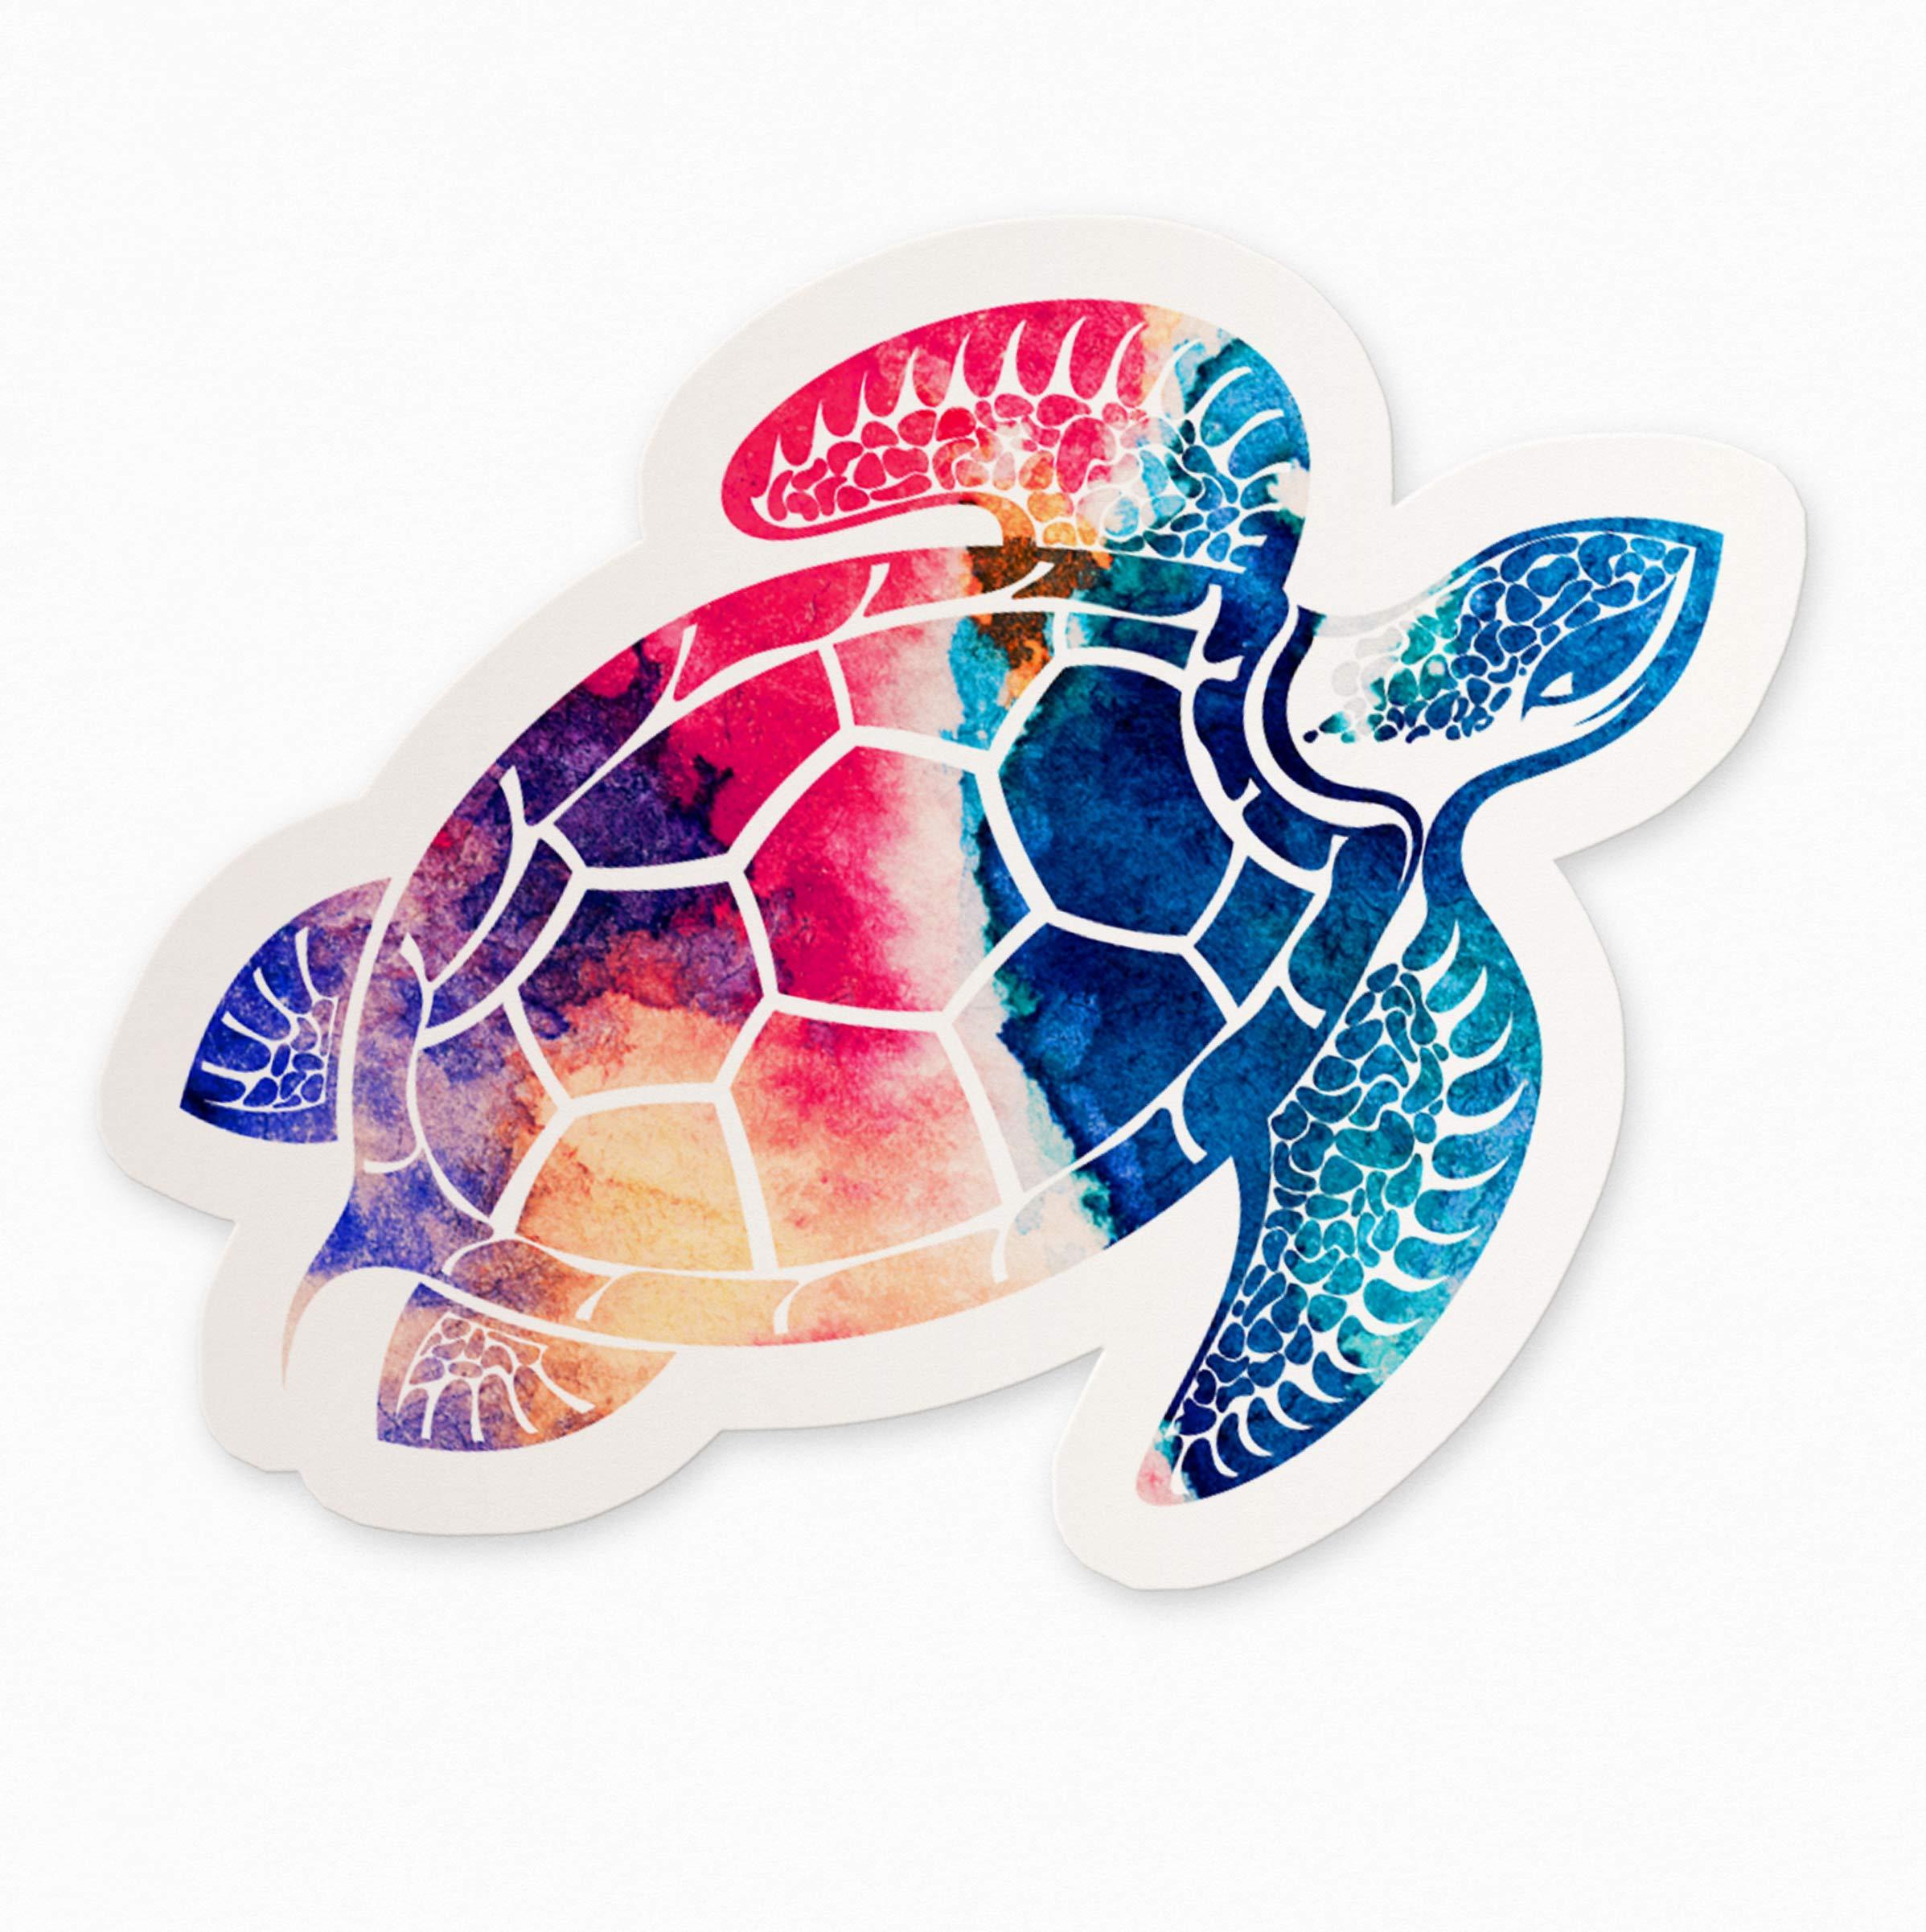 UNIQUE BRIGHT Watercolor Sea Turtle Bumper Sticker//Decal 4.5 X 4.75